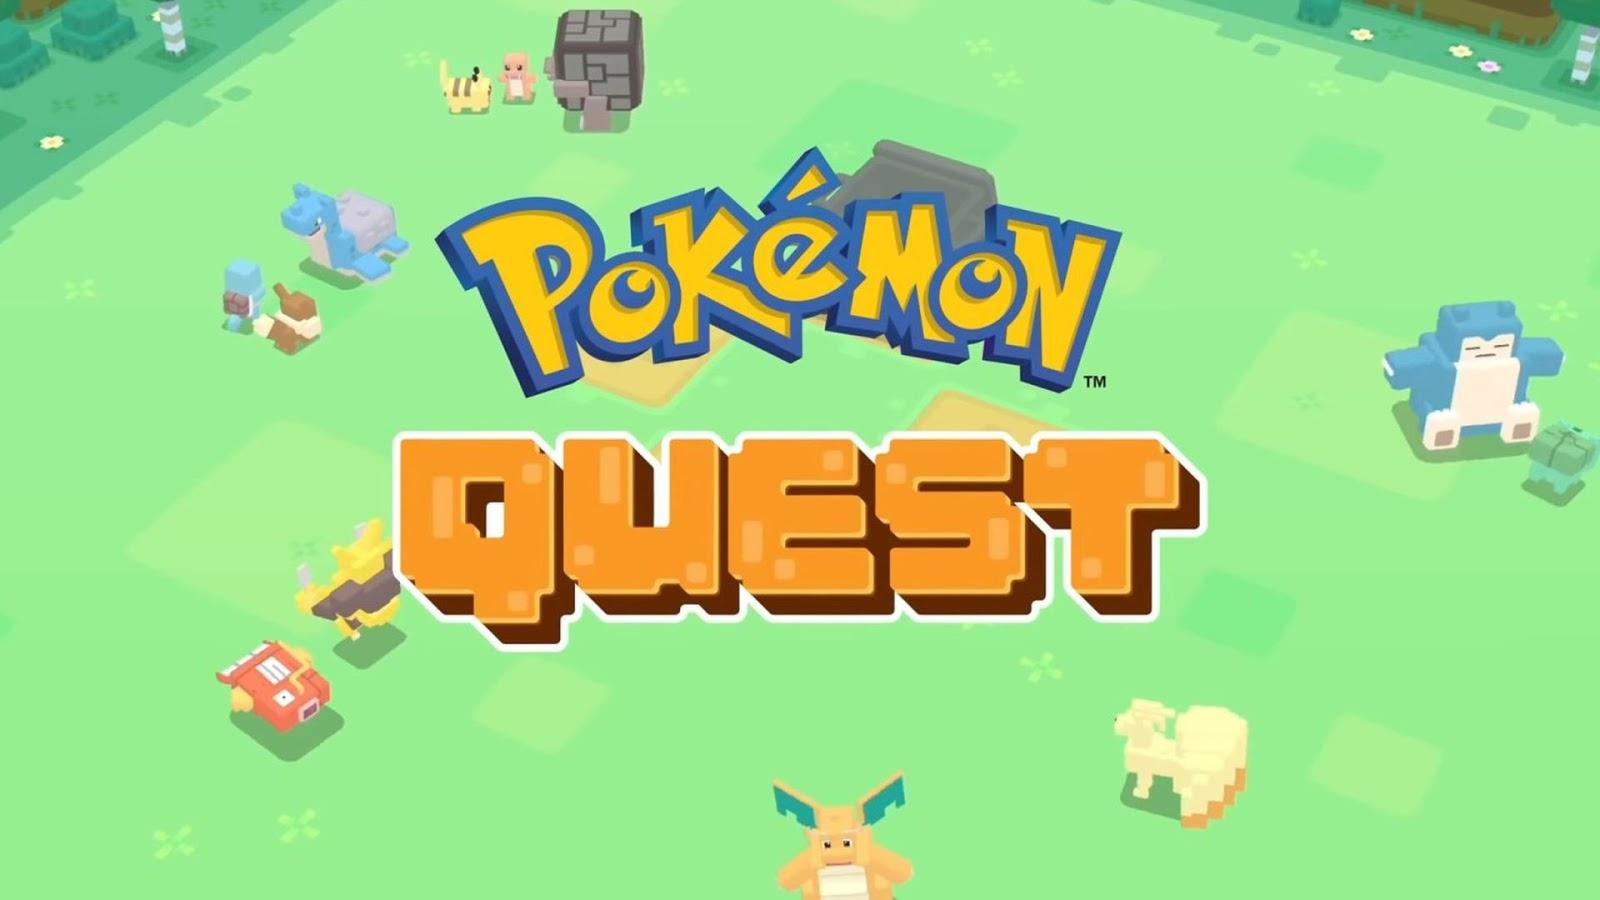 [Mobile] Pokémon Quest ultrapassa 10 milhões de downloads e gerou $ 9.5 milhões de dólares